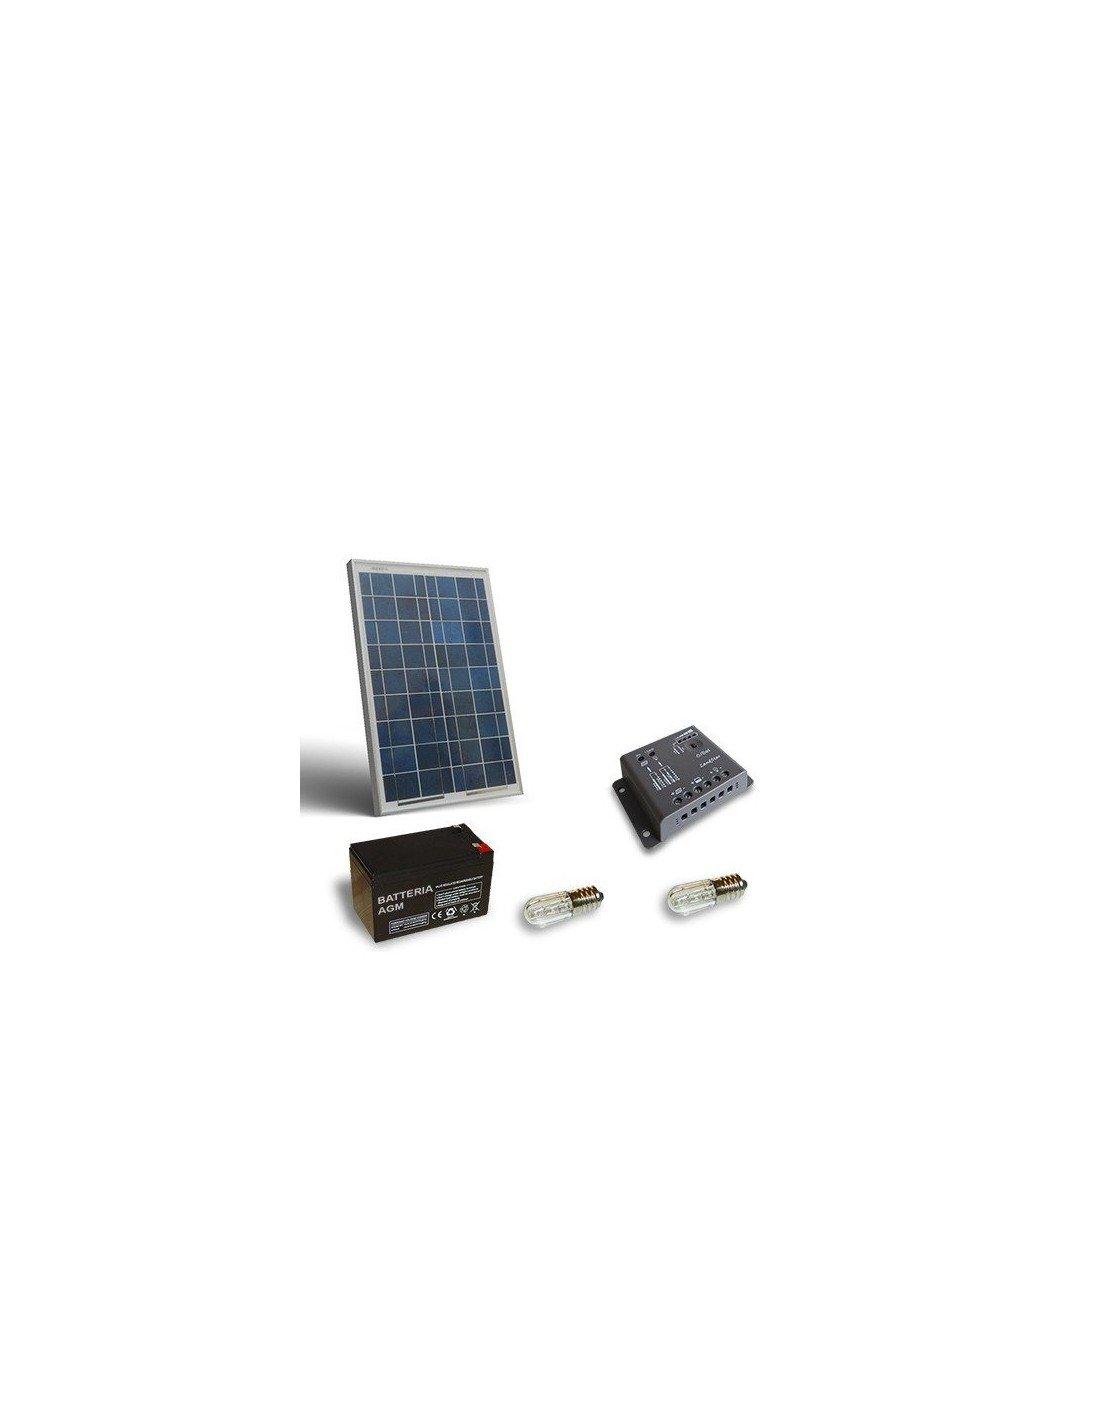 Pannello Solare Per Batteria : Kit solare votivo w pannello fotovoltaico batteria ah